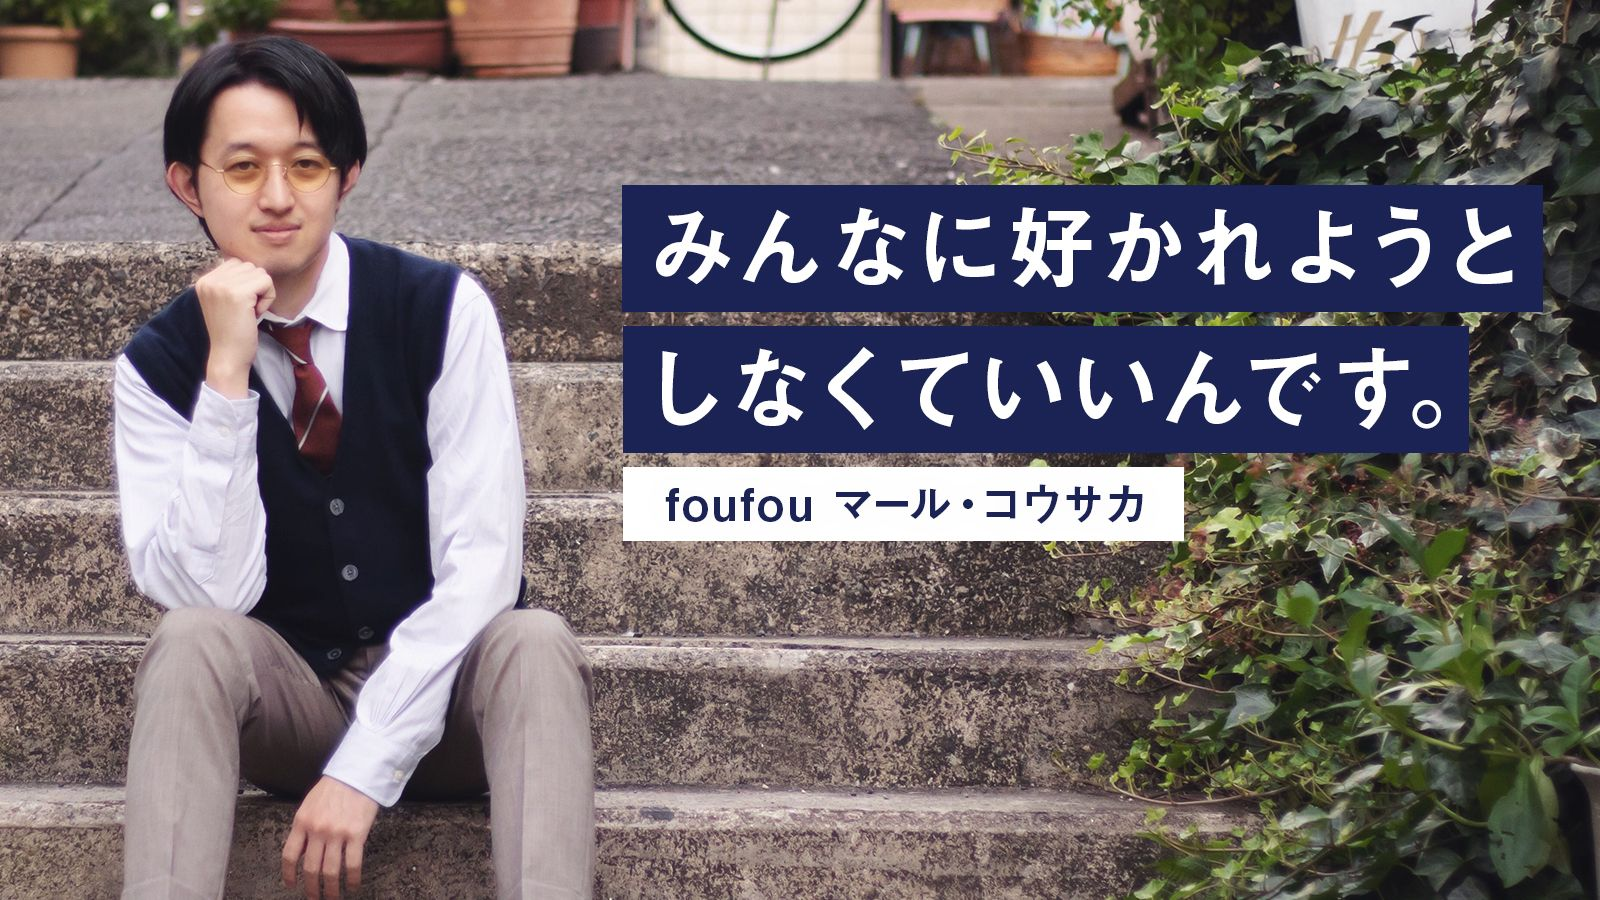 愛されるべき人に、愛されるために。foufouマール・コウサカ